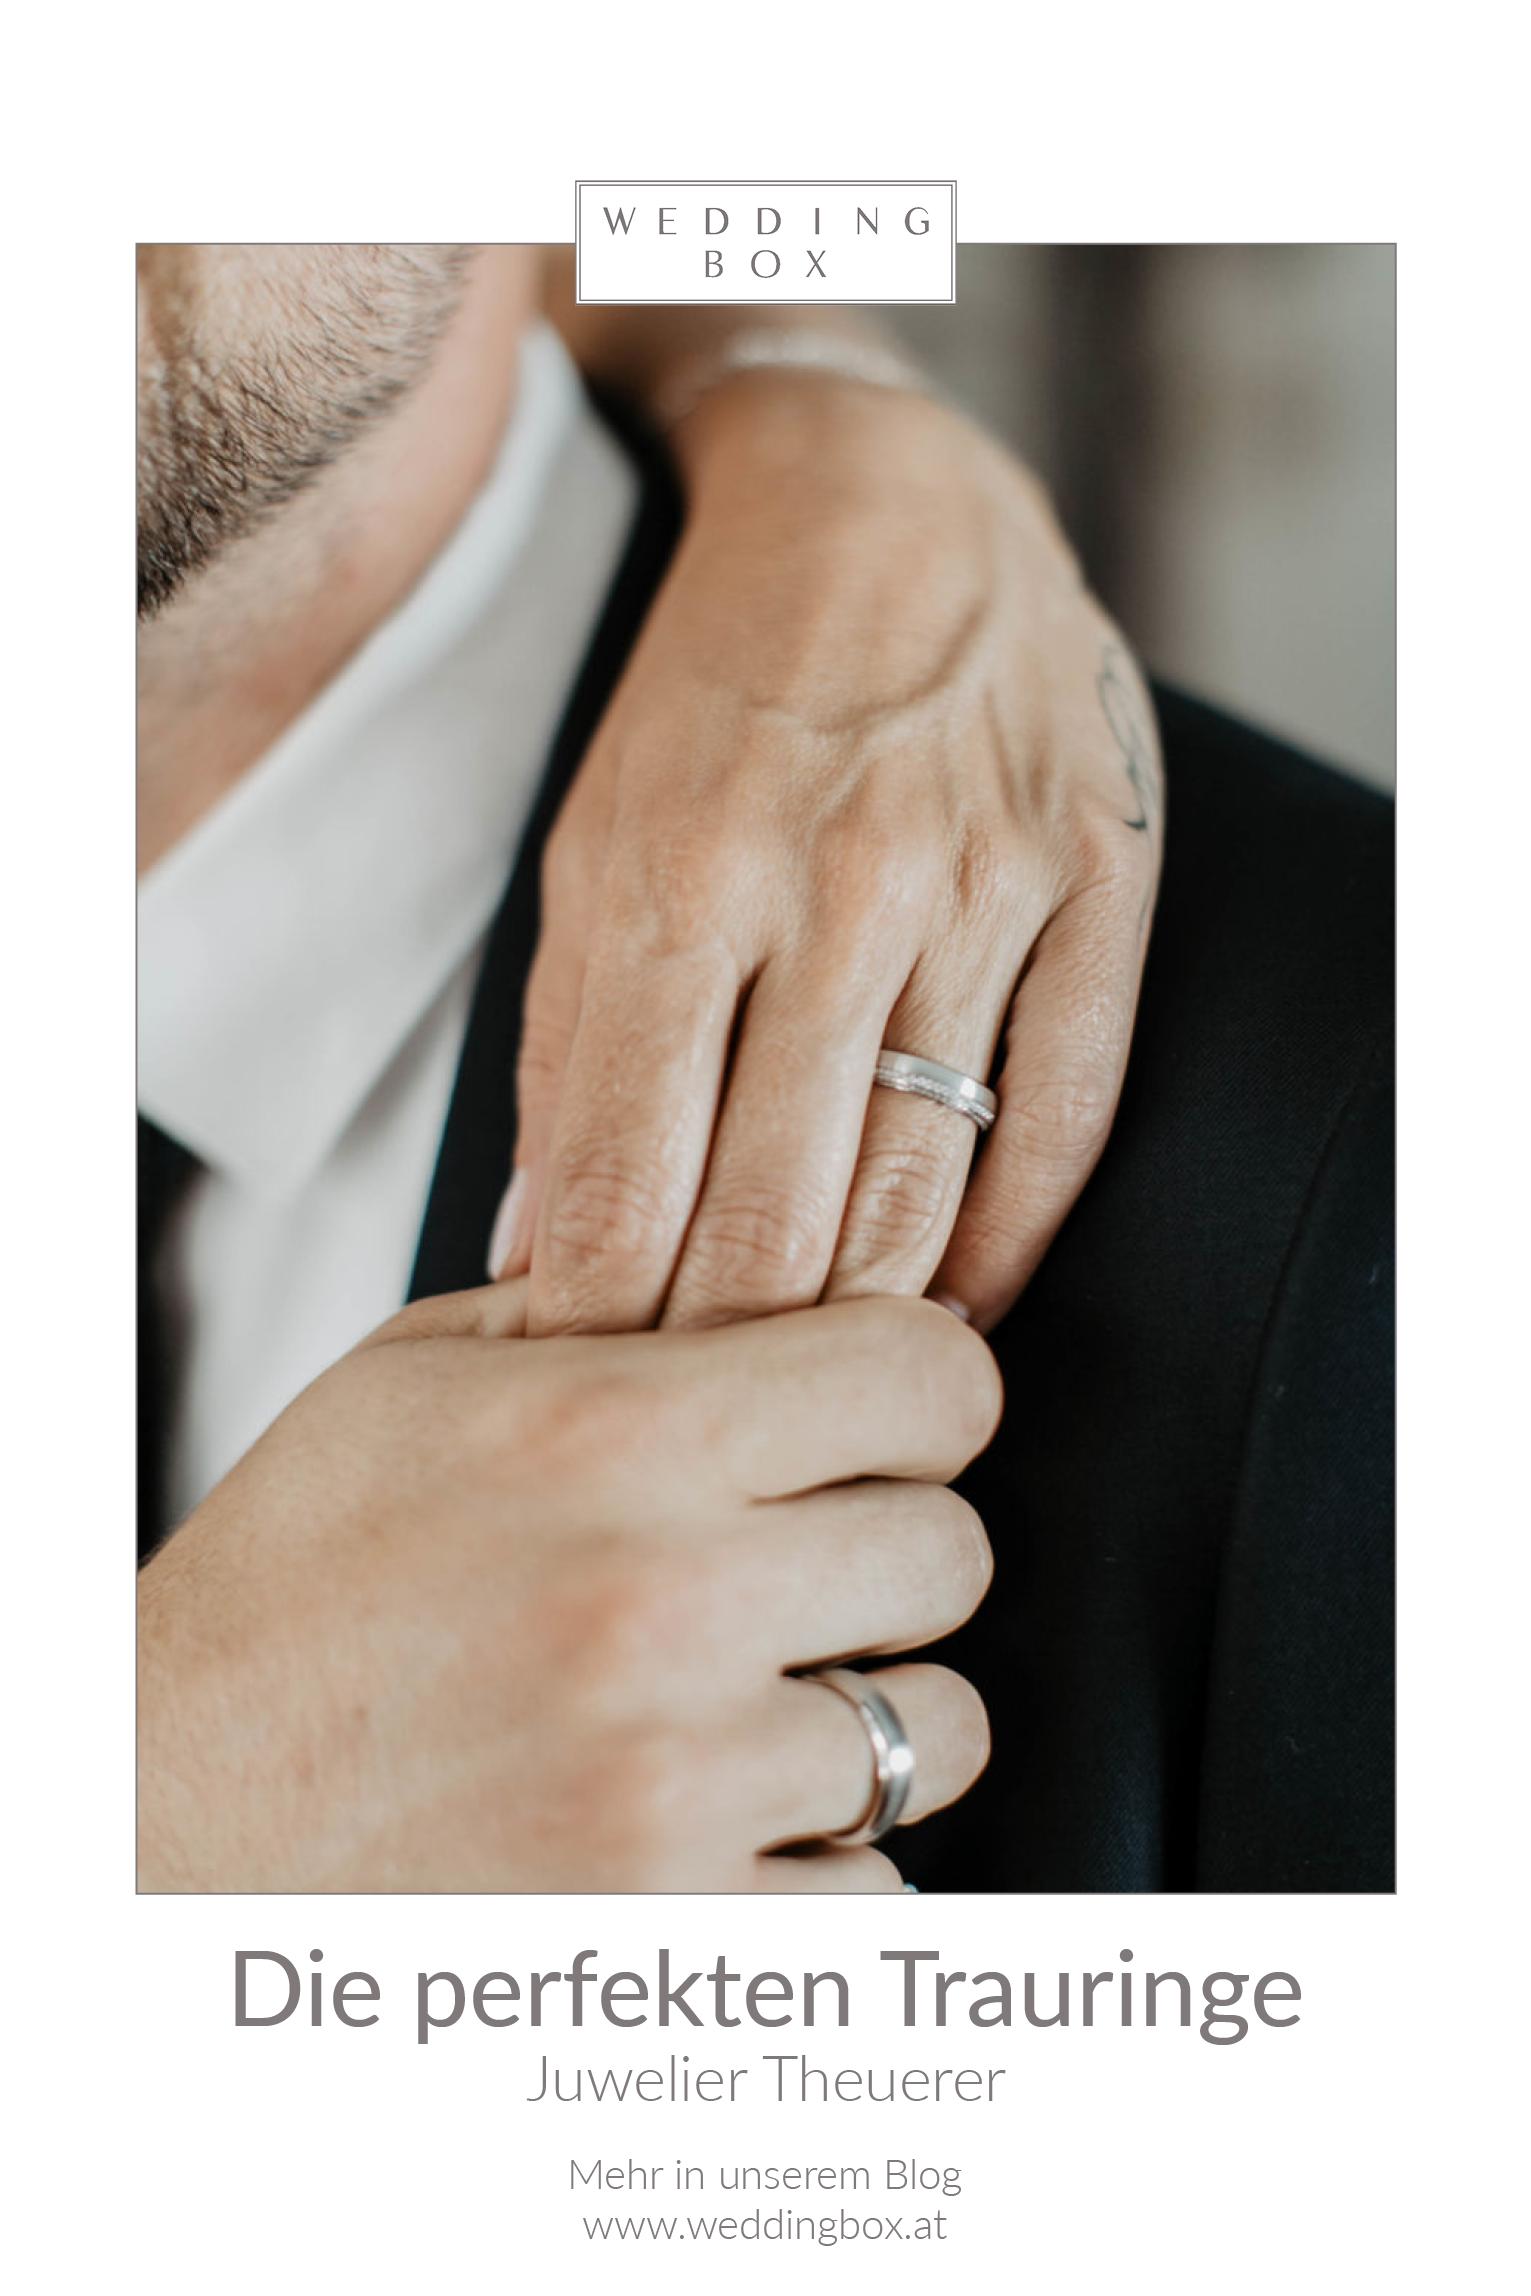 Sie symbolisieren Liebe und Treue und sind ein sofort ersichtliches Zeichen für das Versprechen, das sich das Brautpaar gibt. Eheringe trägt man idealerweise ein Leben lang und so ist die Wahl der richtigen Ringe eine wichtige Entscheidung, die nicht nebenbei getroffen werden sollte.